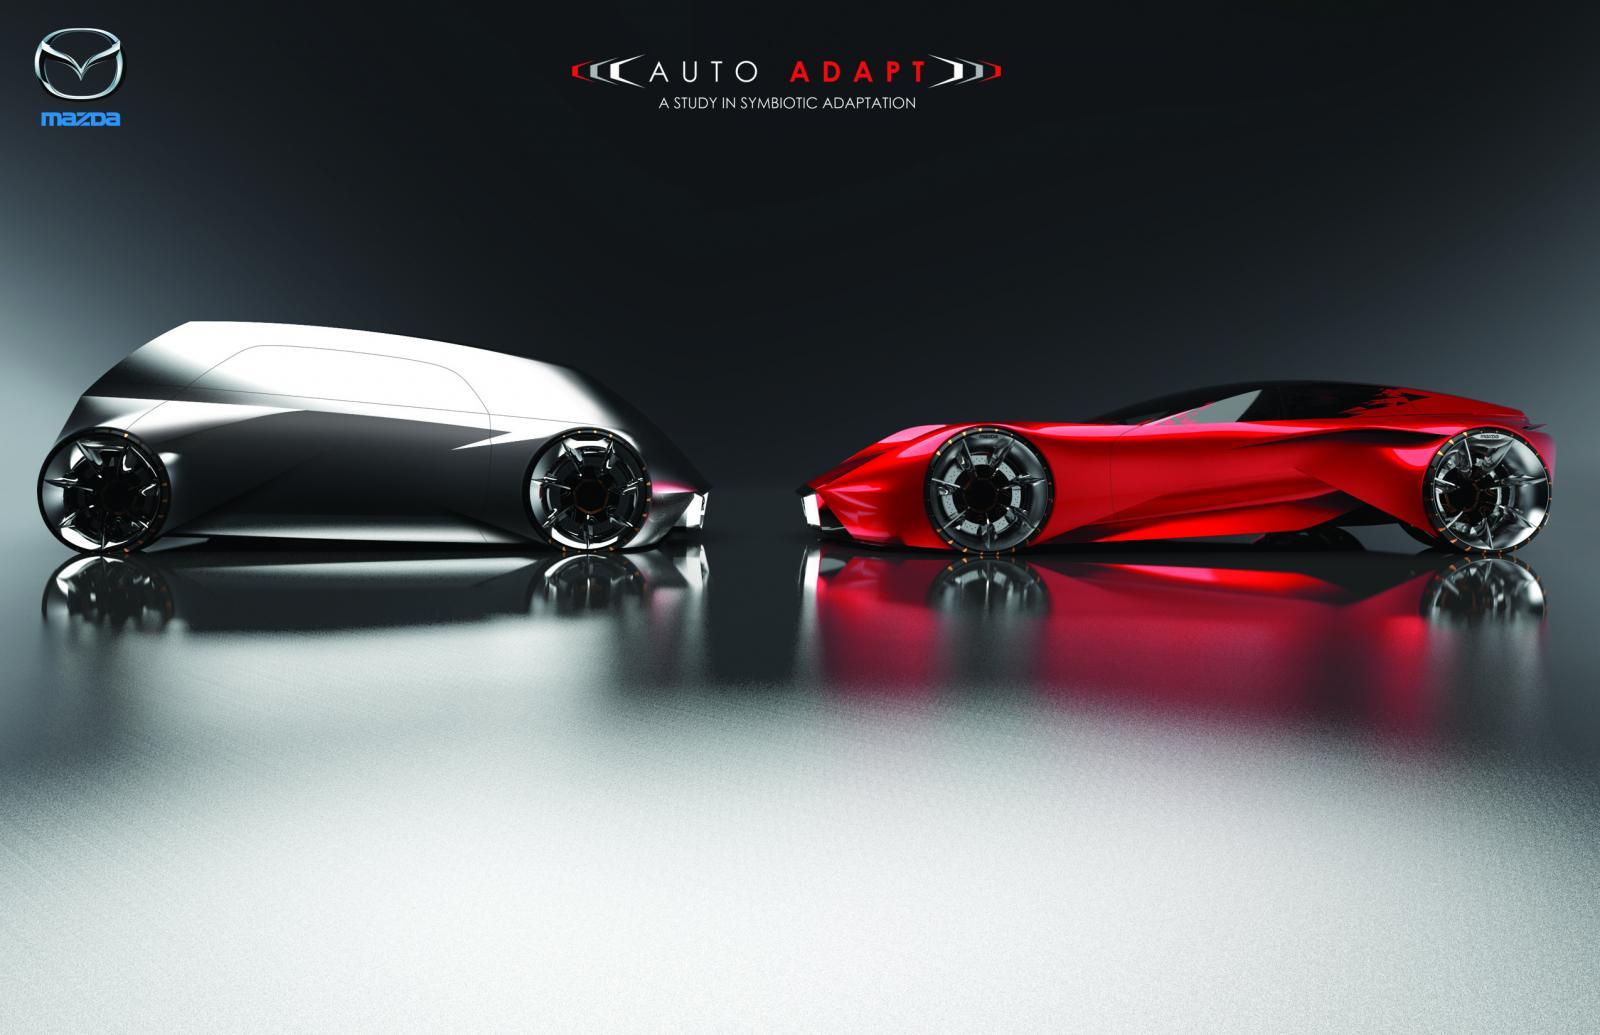 2013 los angeles auto show design challenge opens - Car design show ...